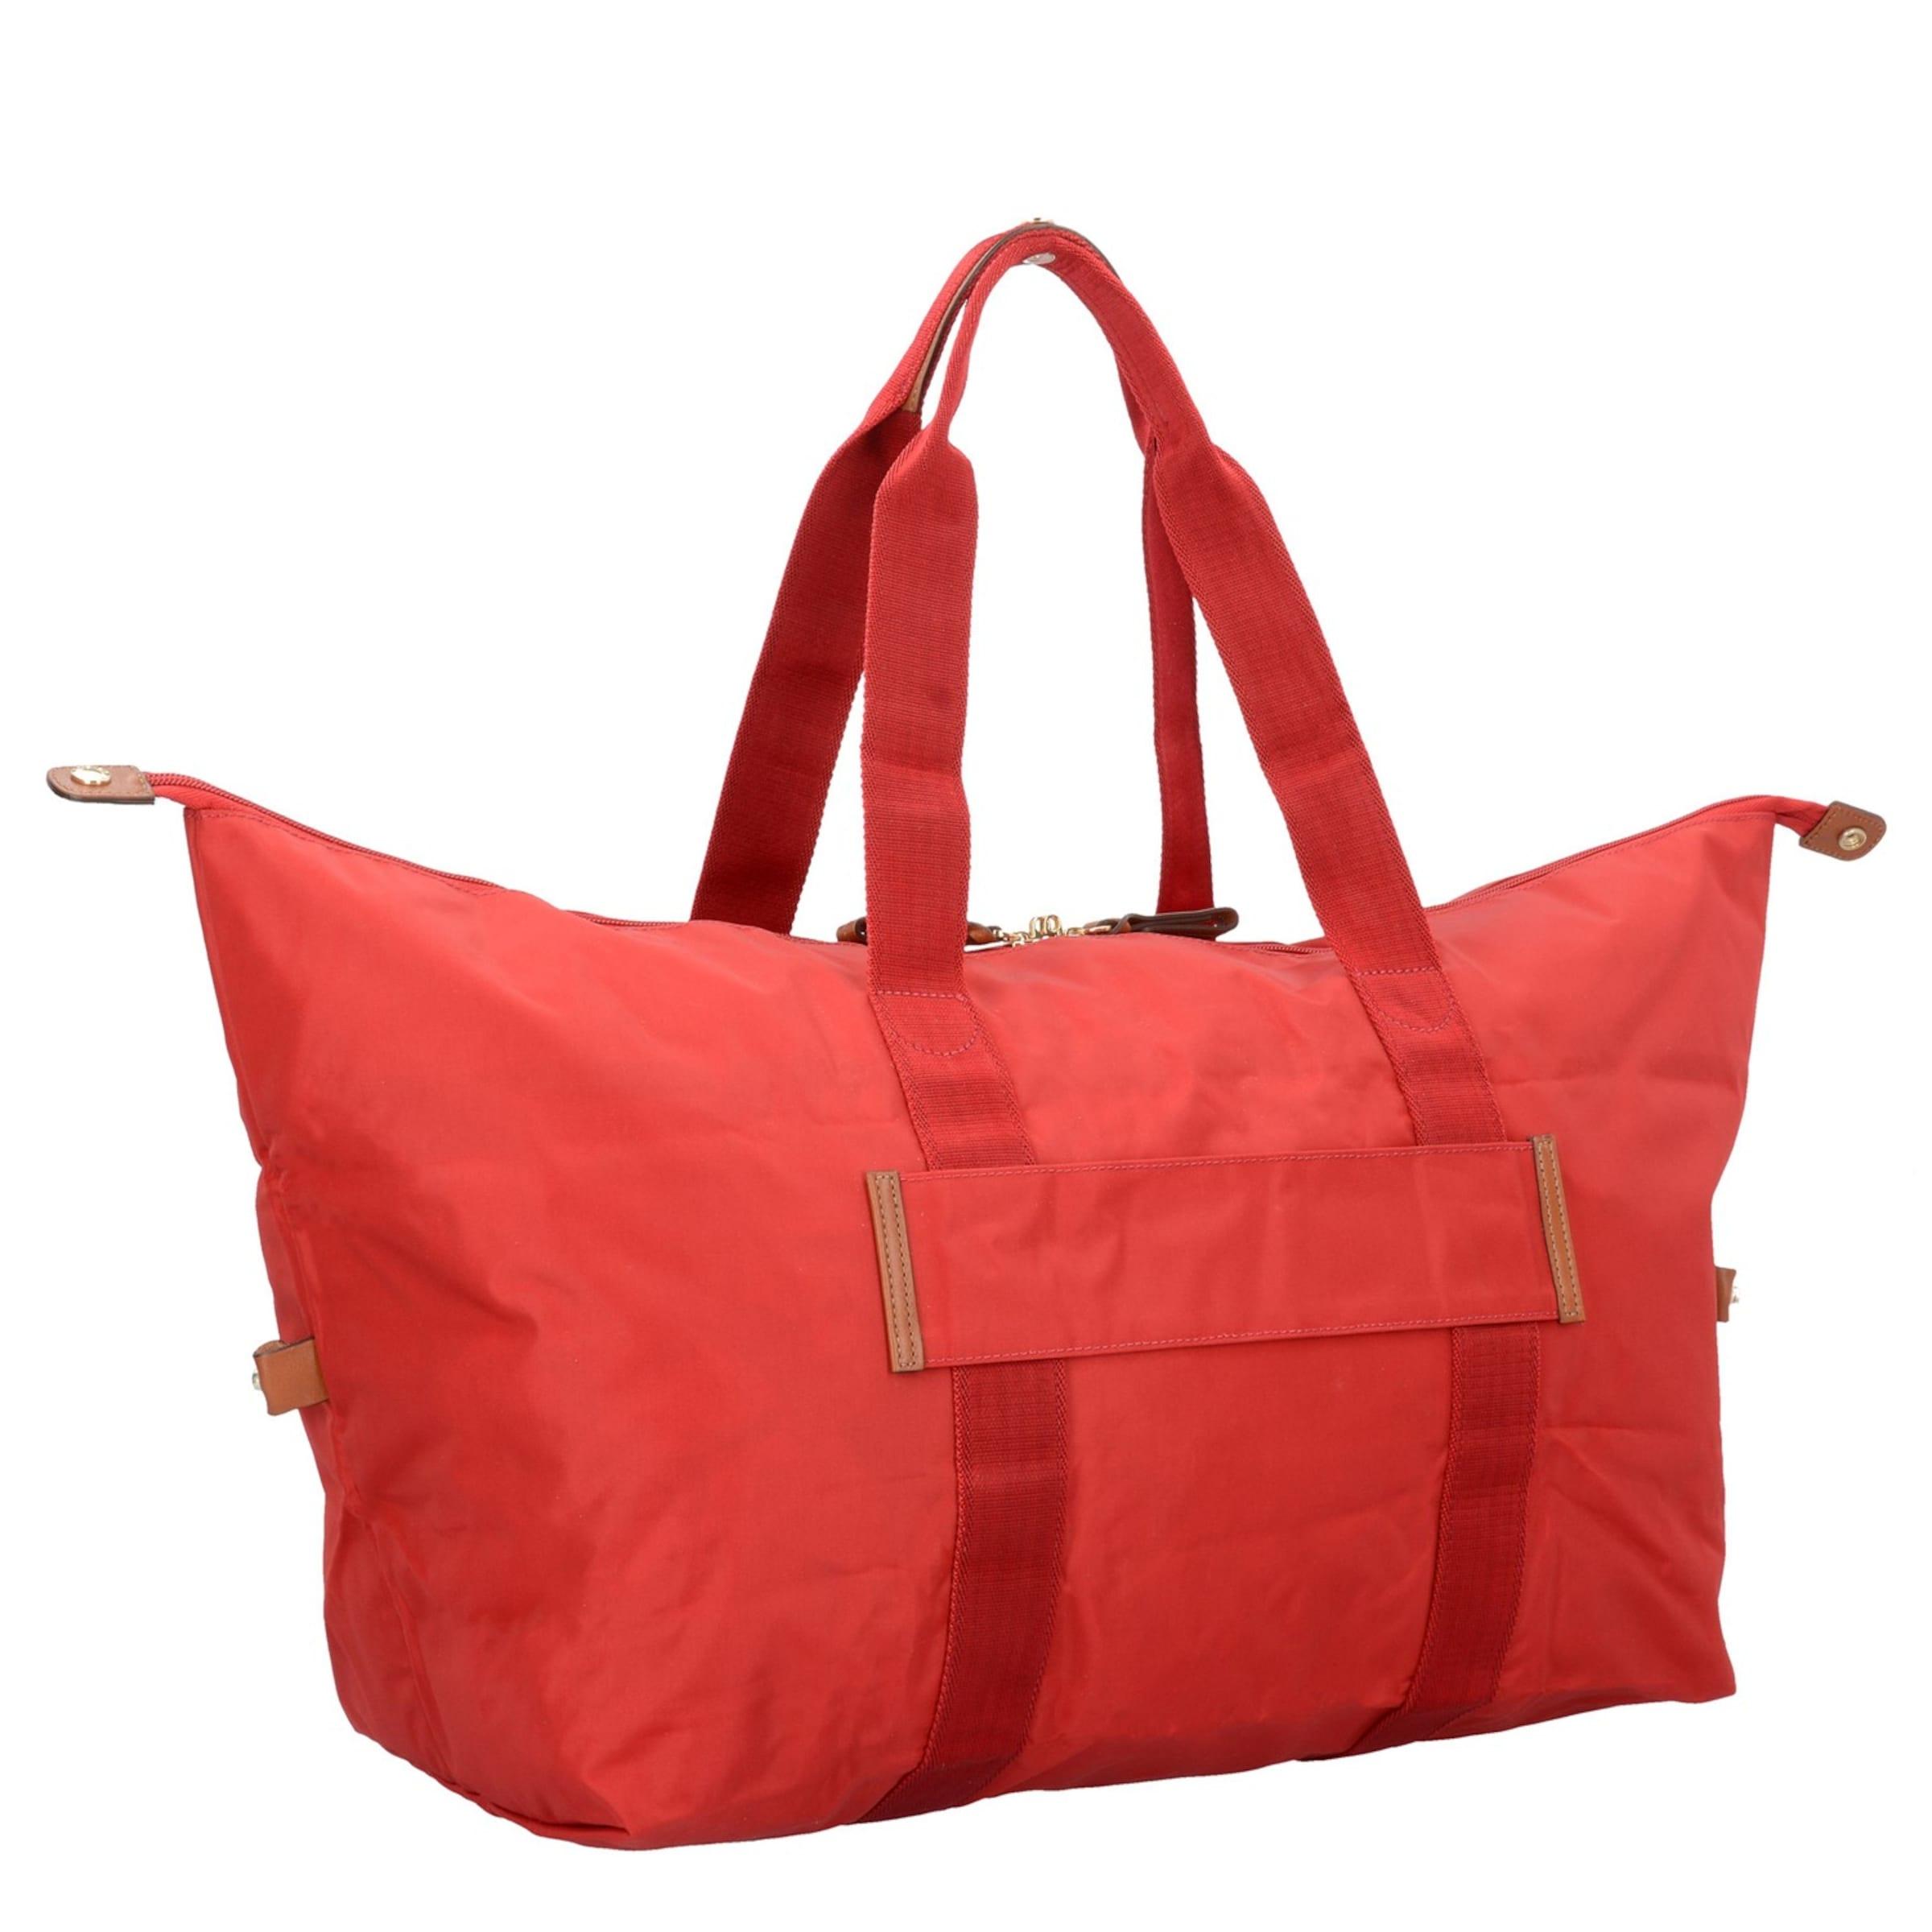 Unisex Neuesten Kollektionen Online Bric's X-Bag Reisetasche 55 cm PKGtTQnbY